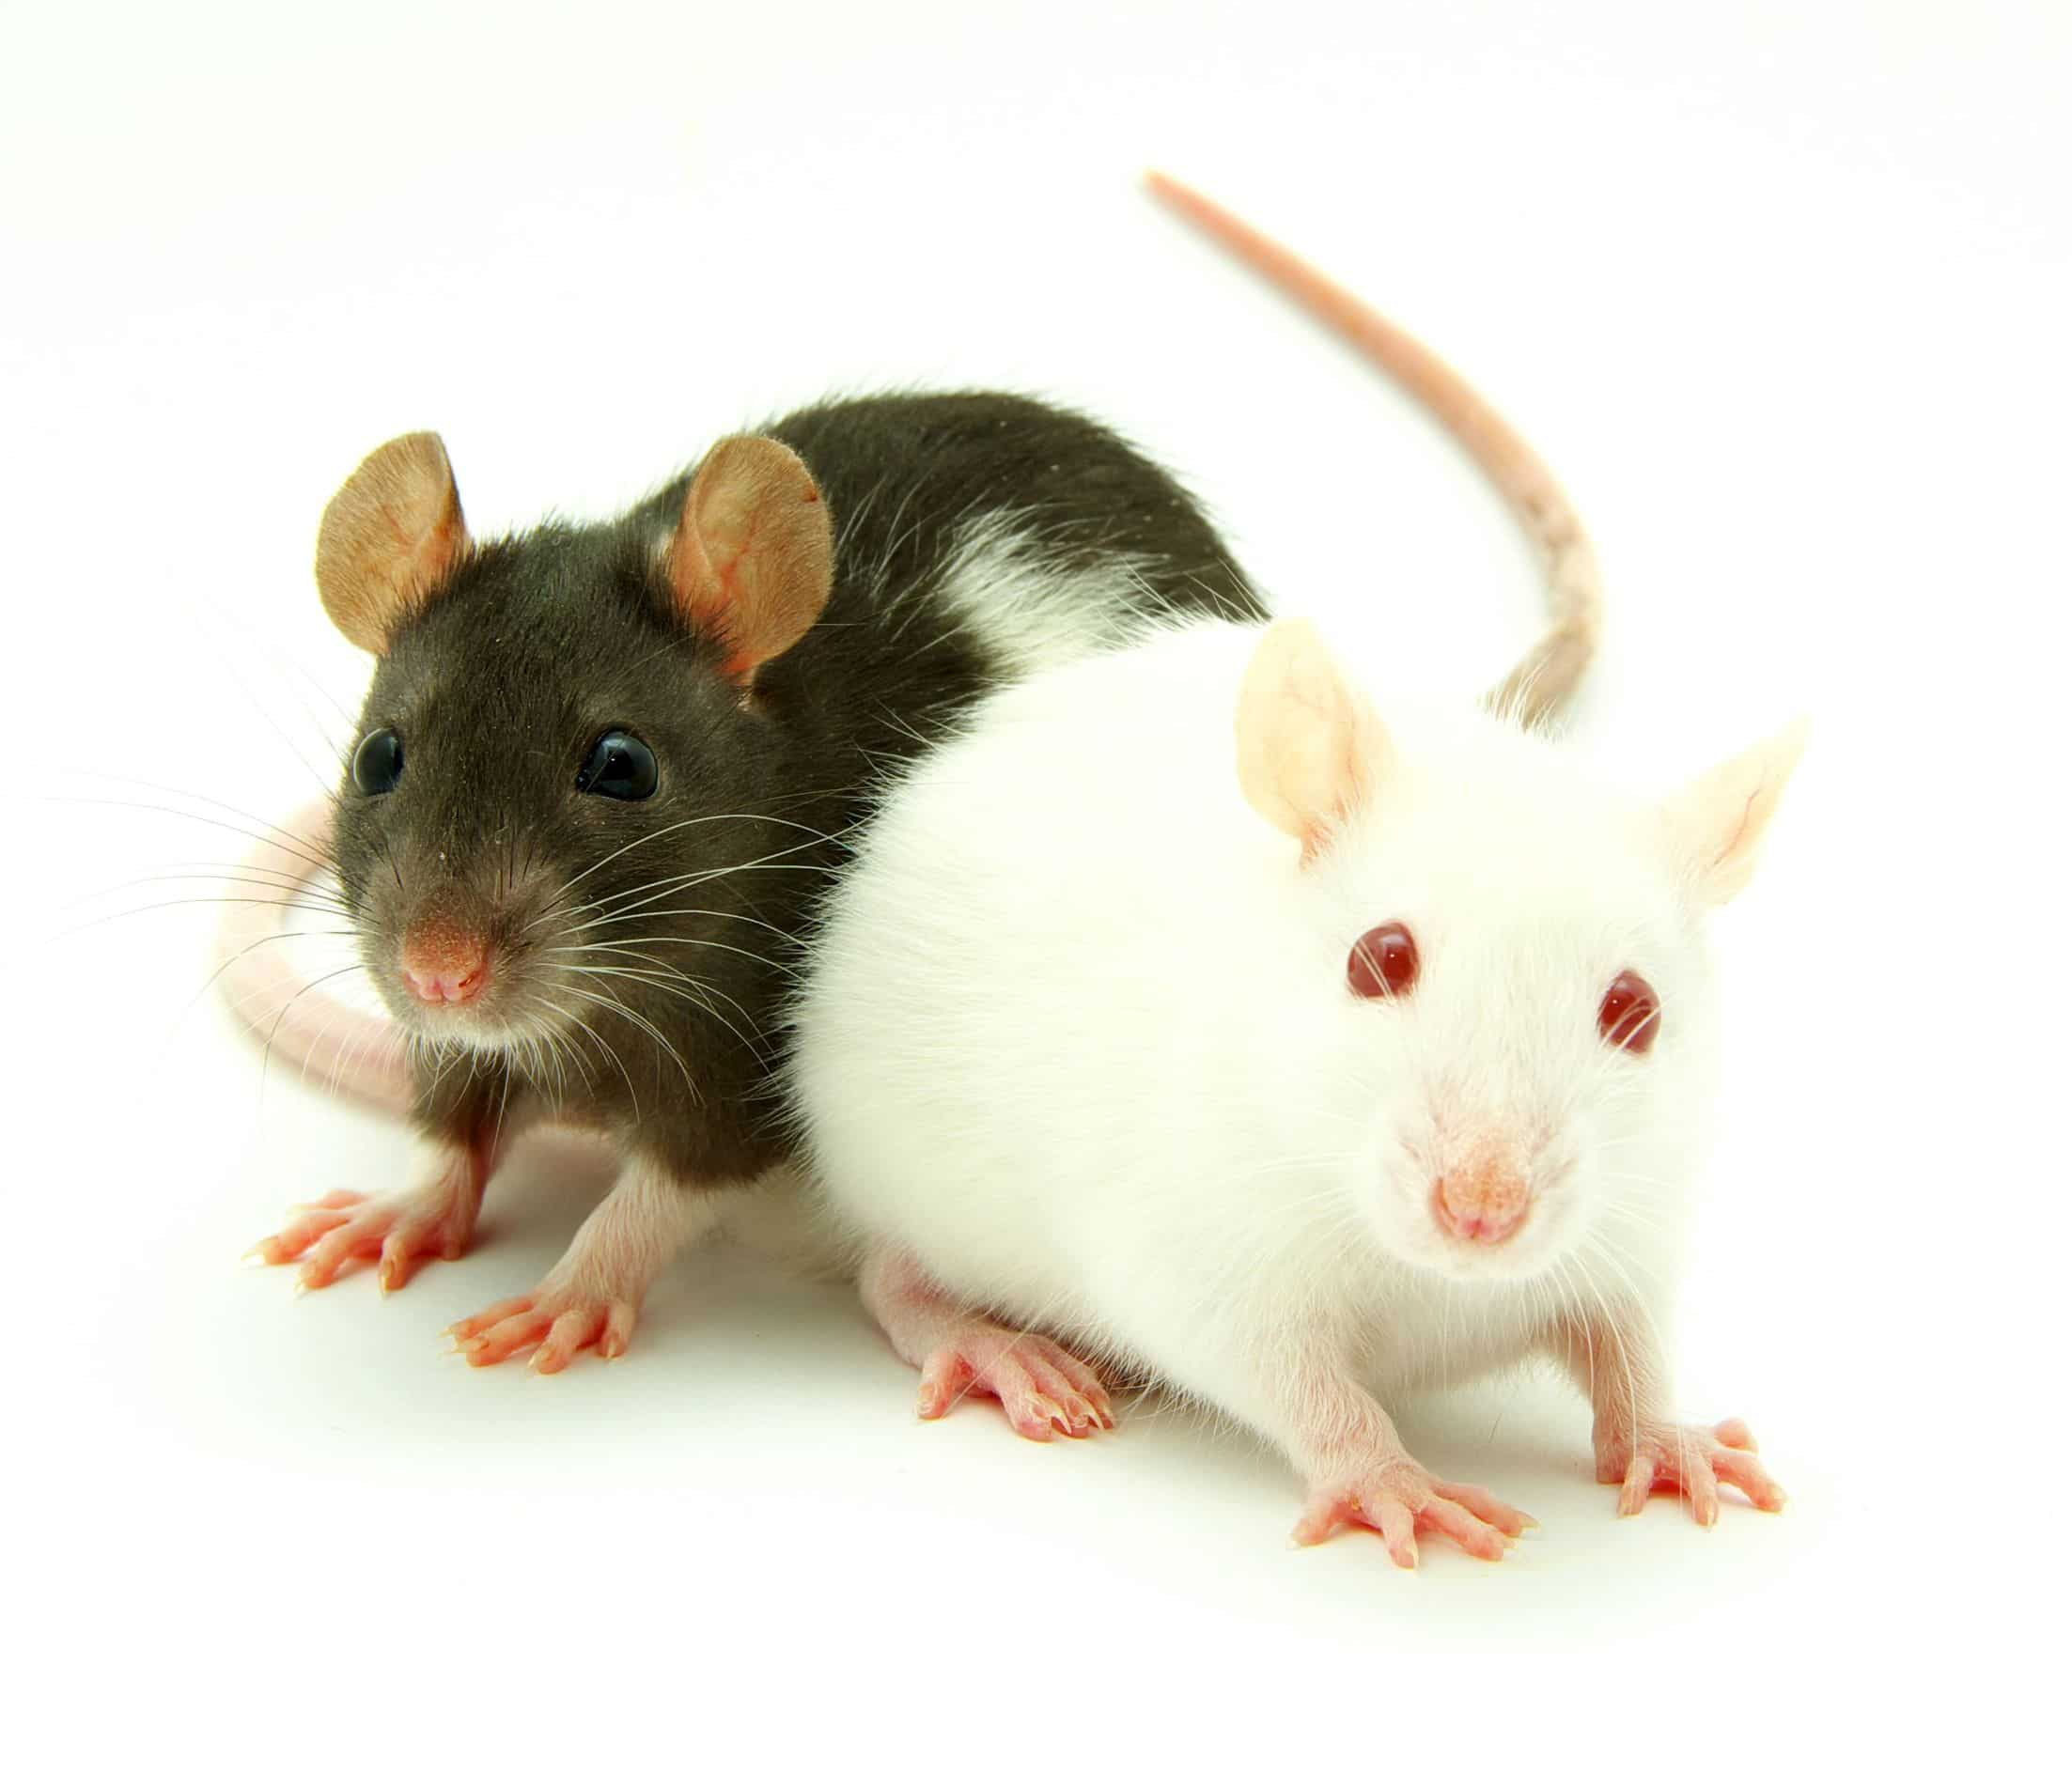 Plaga de roedores